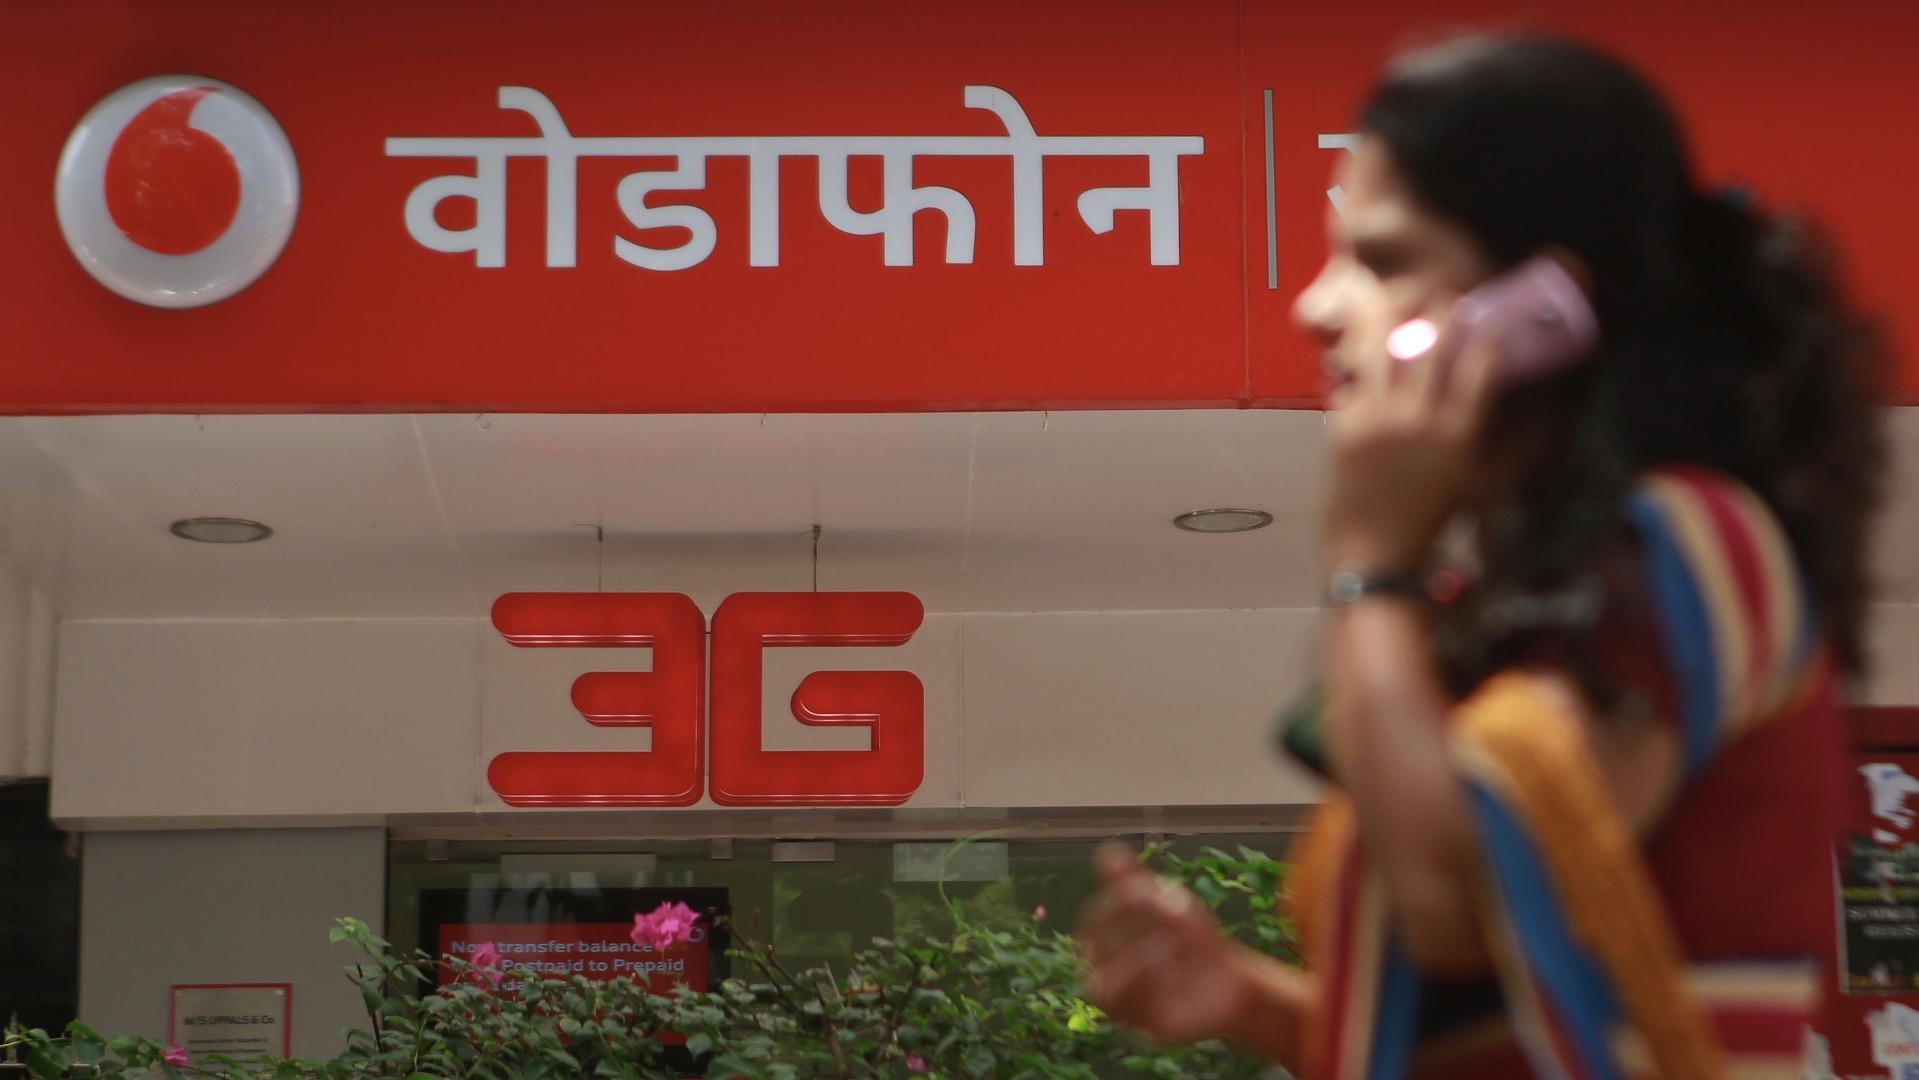 本土化语言是中国企业在印度必走之路